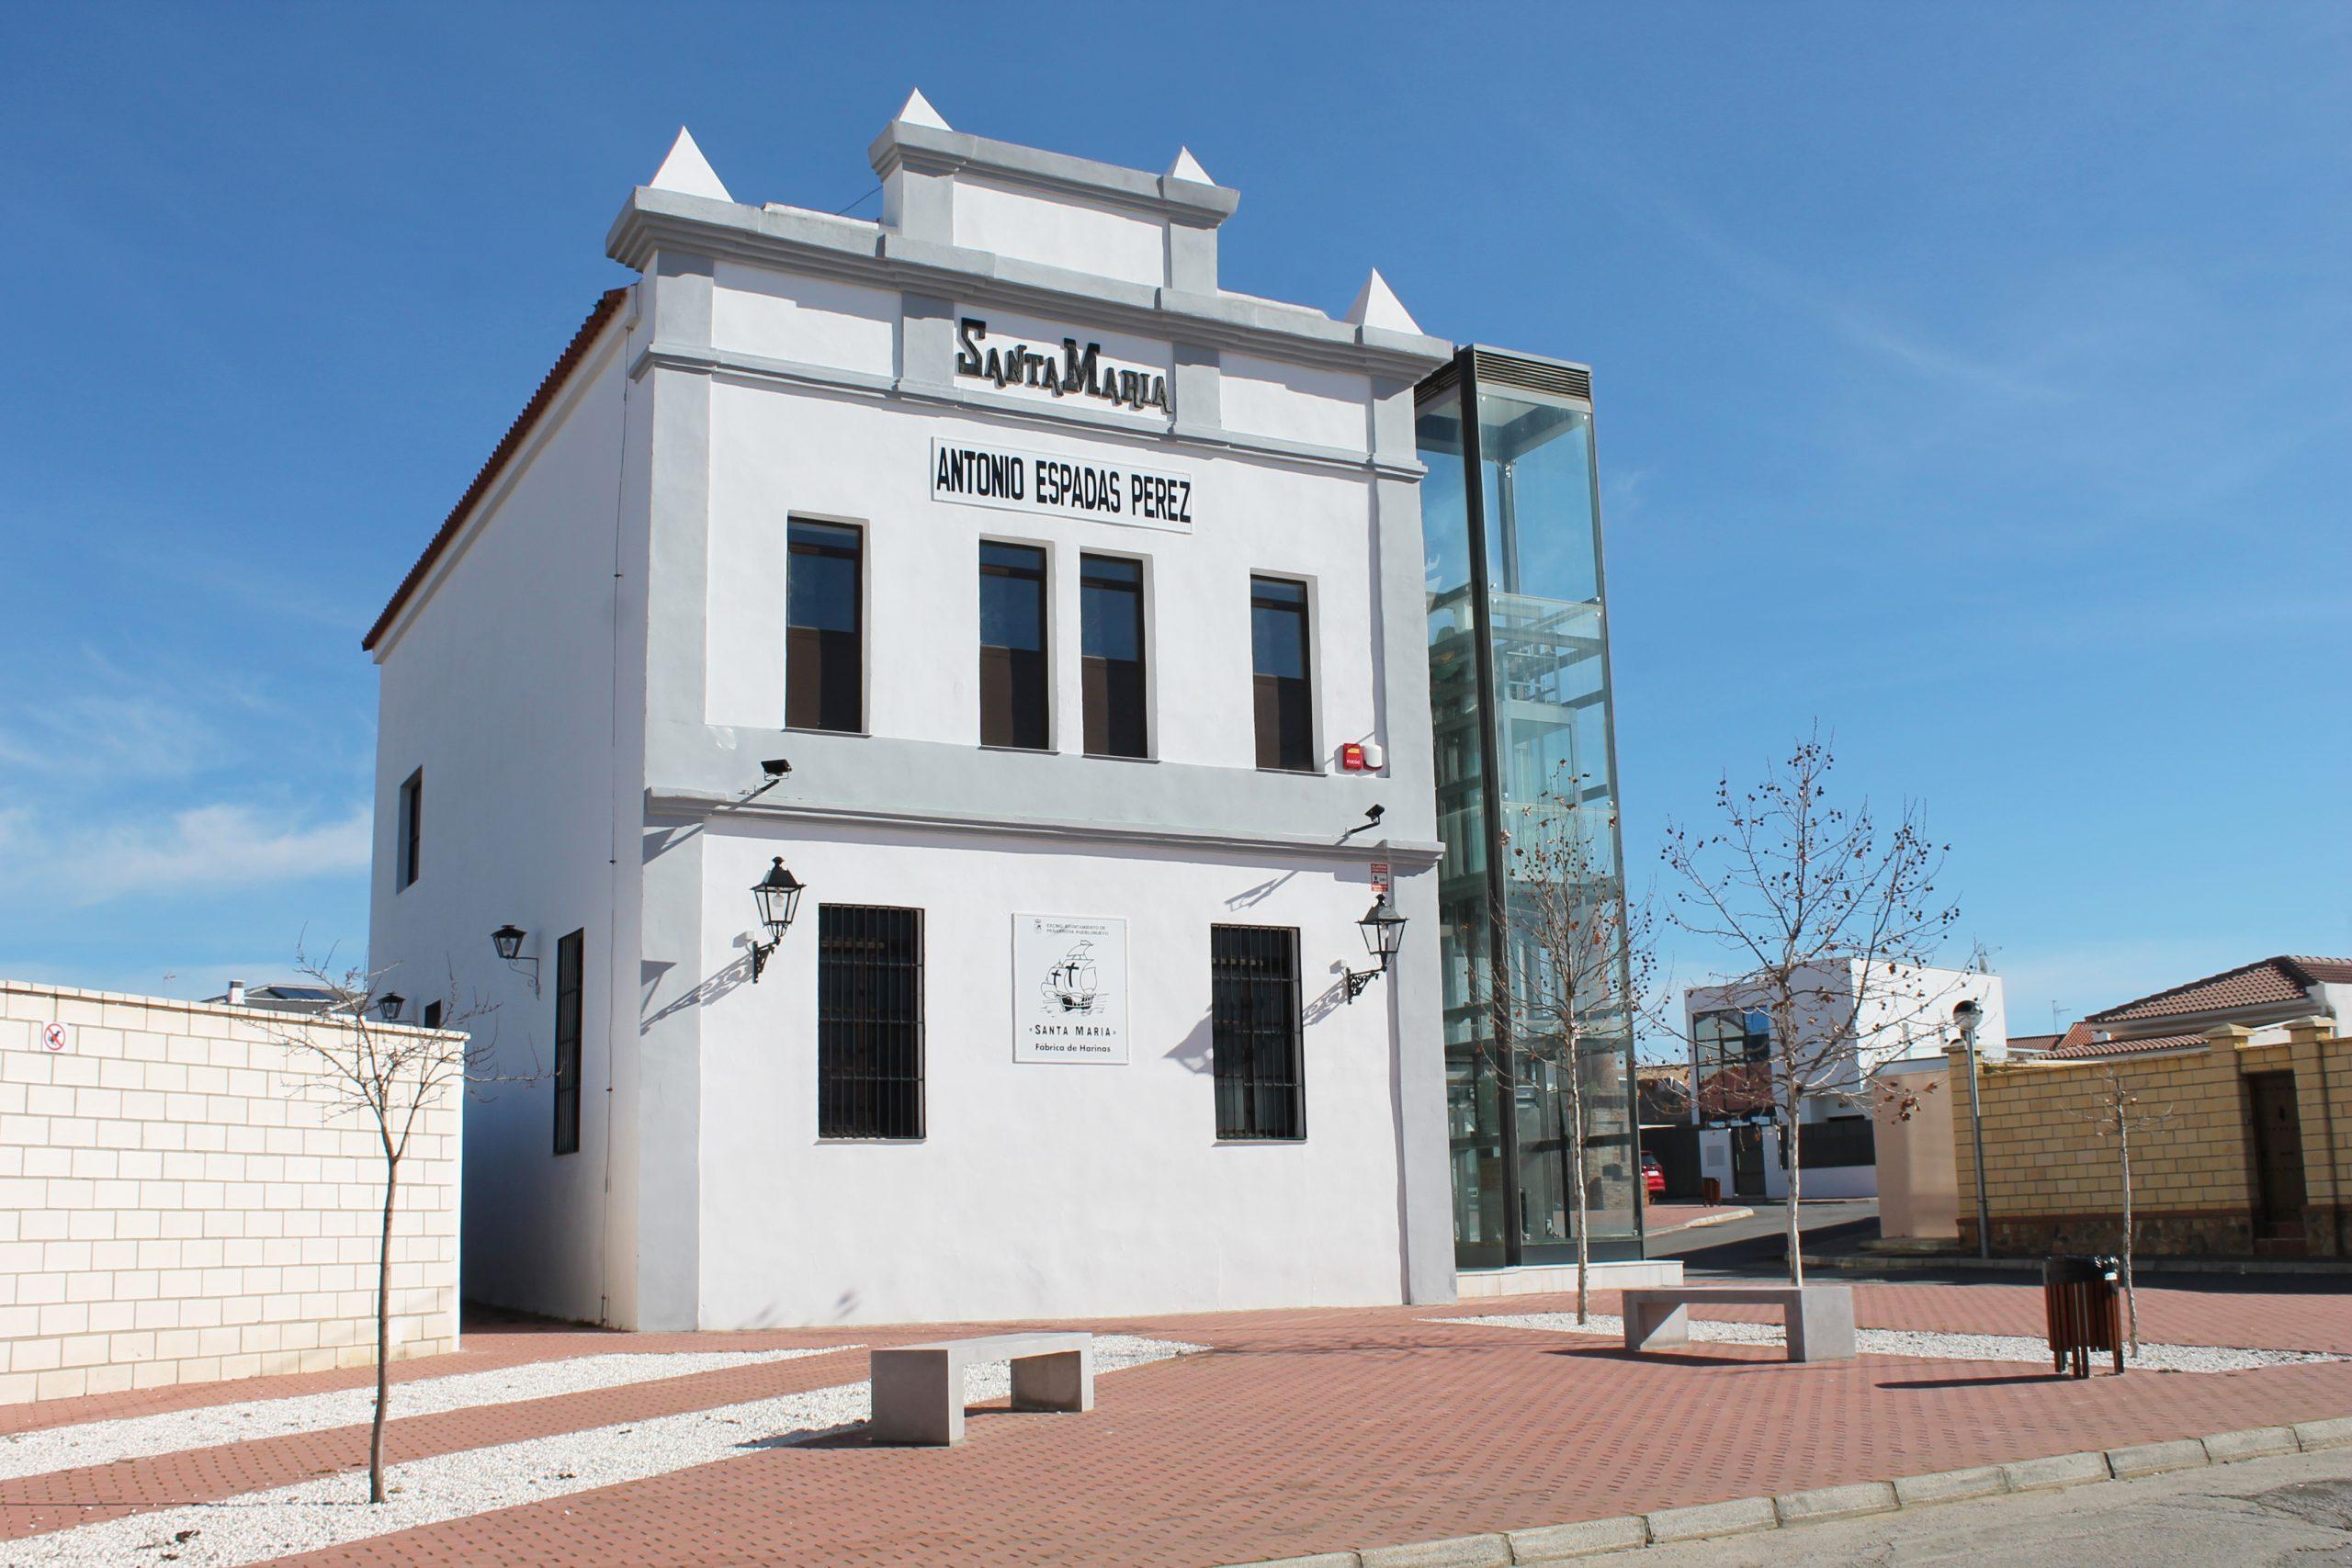 """Fábrica de Harinas """"Santa María"""" Museo Antonio Espadas Pérez 1"""